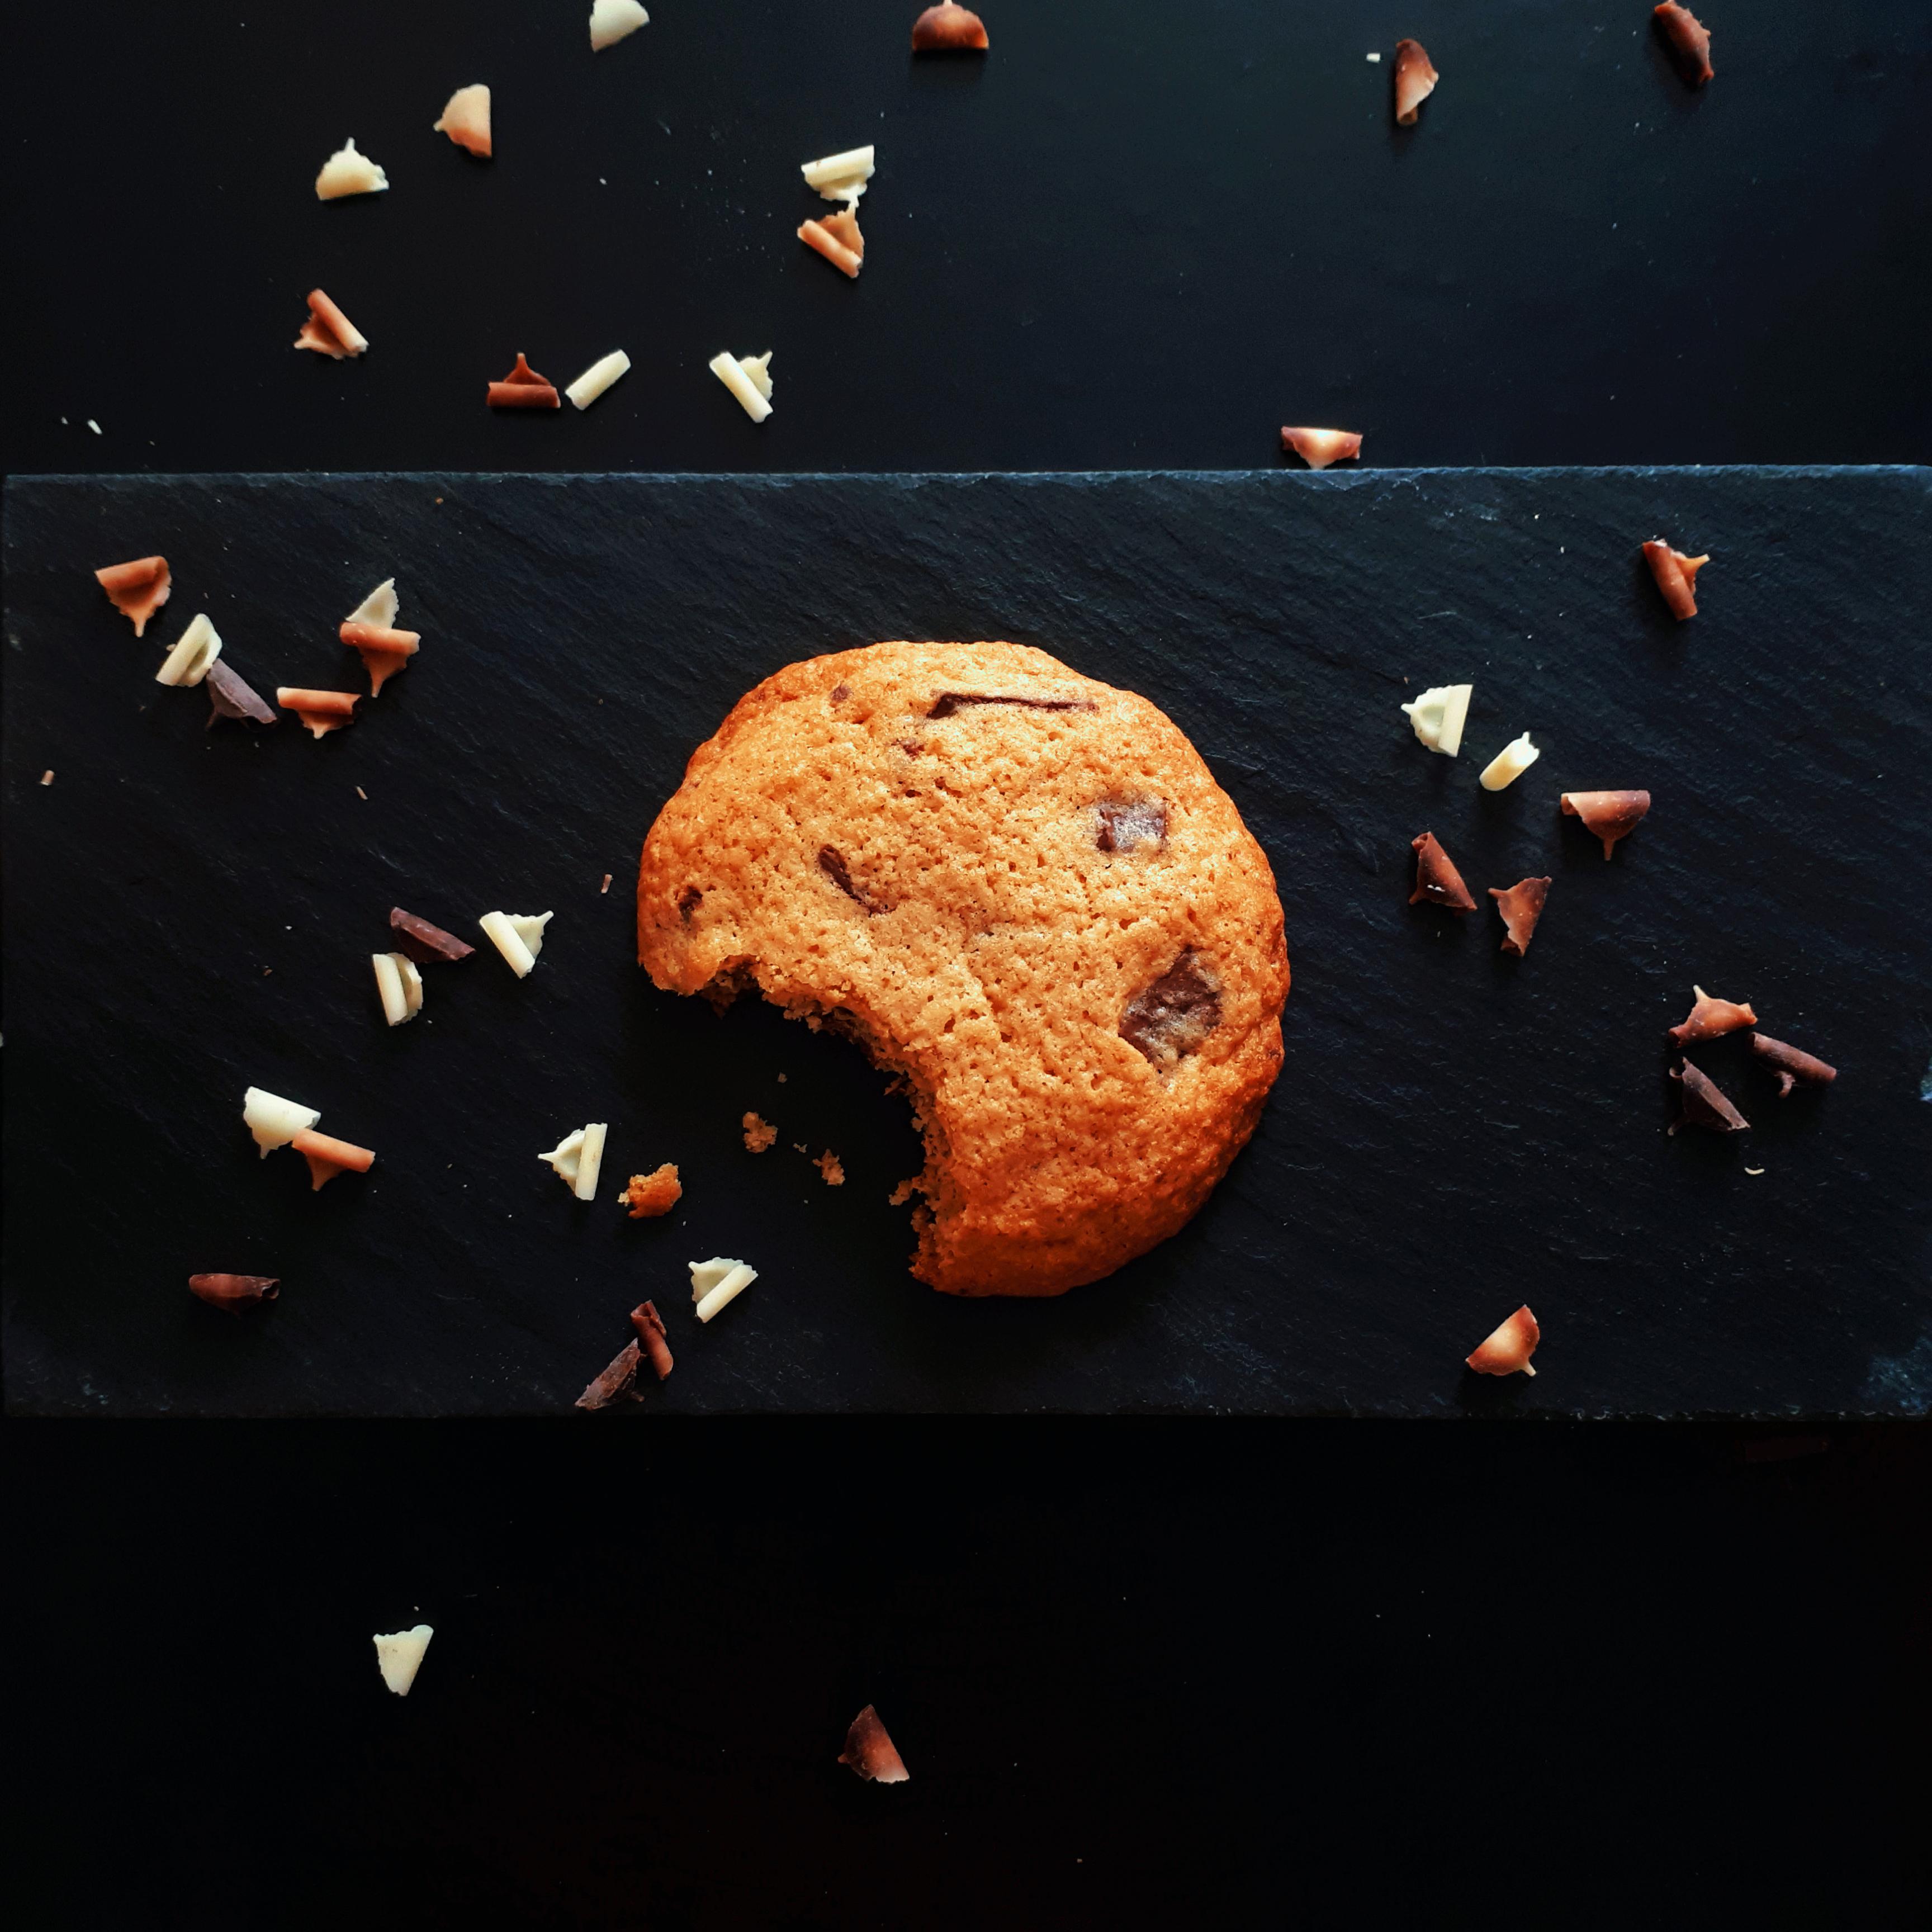 Pohľad zhora na čierny kamenný podnos na čiernom matnom podklade so sušienkou s kúskami horkej čokolády obsypané hoblinkami z bielej, mliečnej a horkej čokolády.